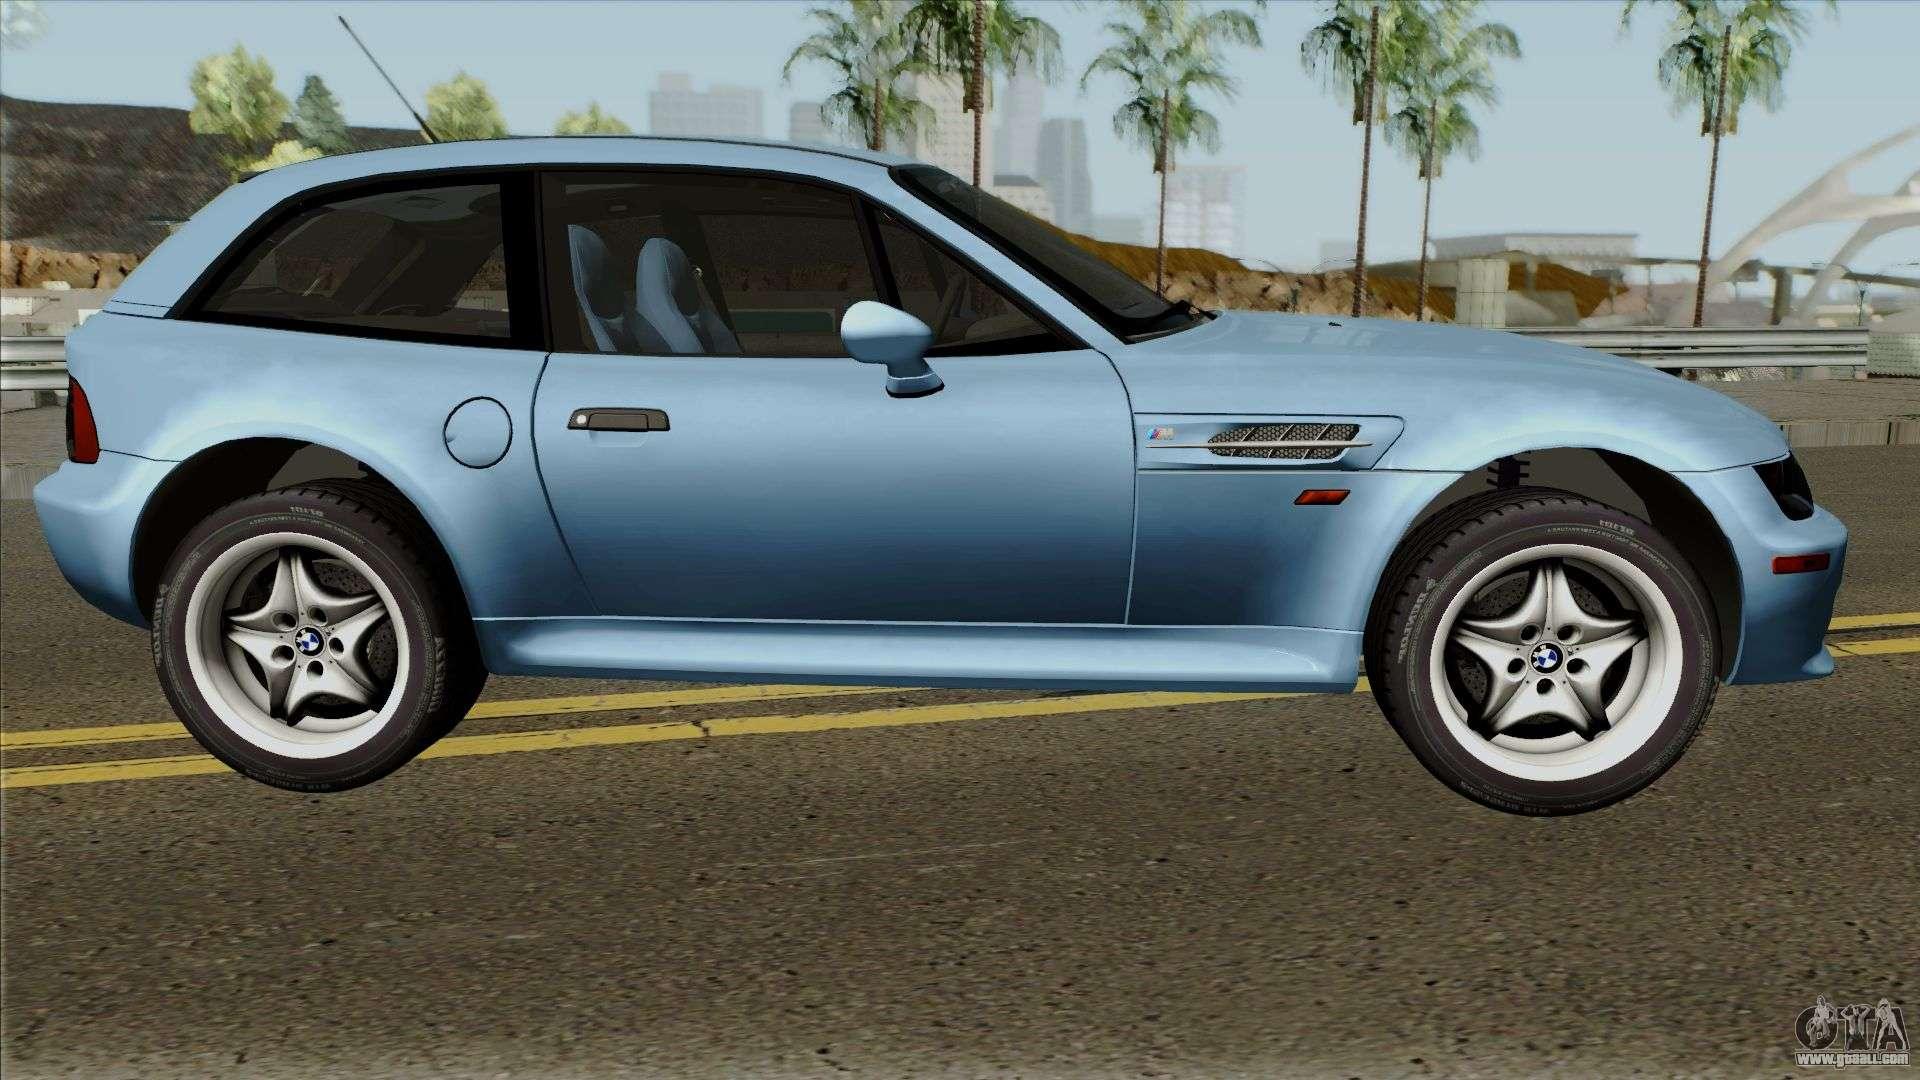 Bmw Z3 Mods Bmw Z3 With Many Body Mods Coupes Pinterest